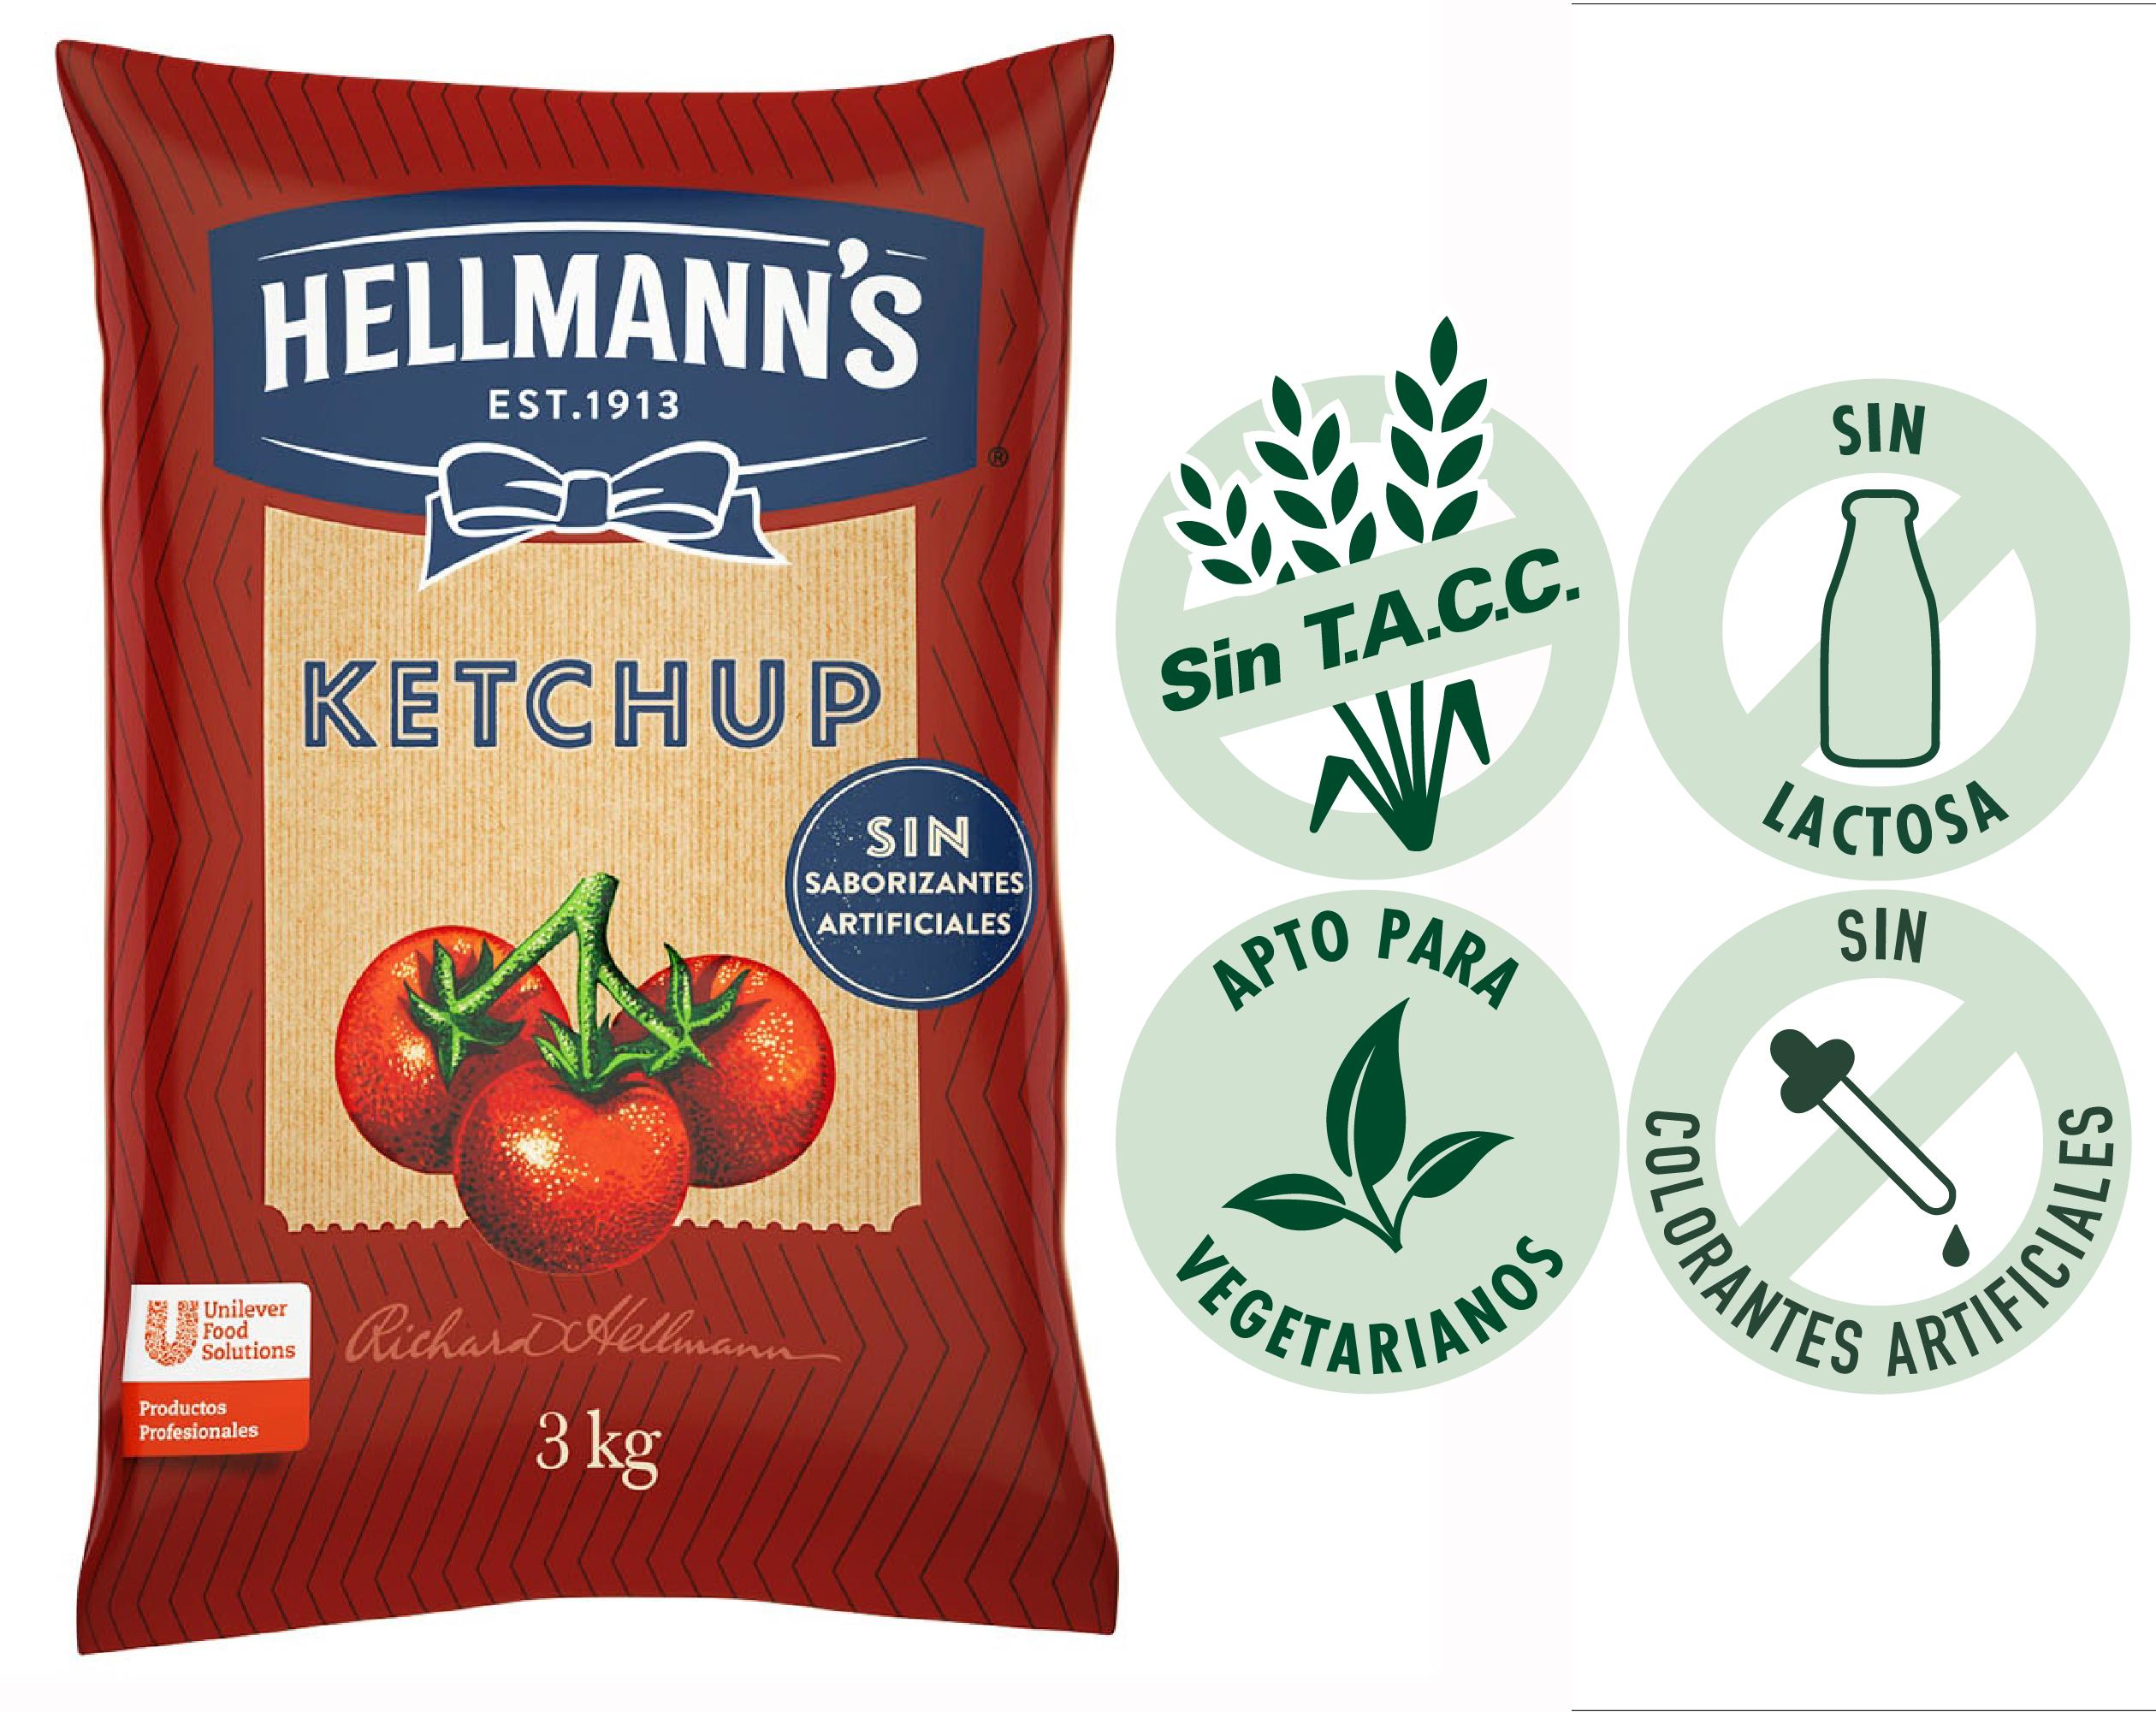 Ketchup Hellmann's 3KG - El ketchup Hellmann's es naturalmente rico para que puedas sorprender a tus comensales con la mejor calidad y el mejor sabor.